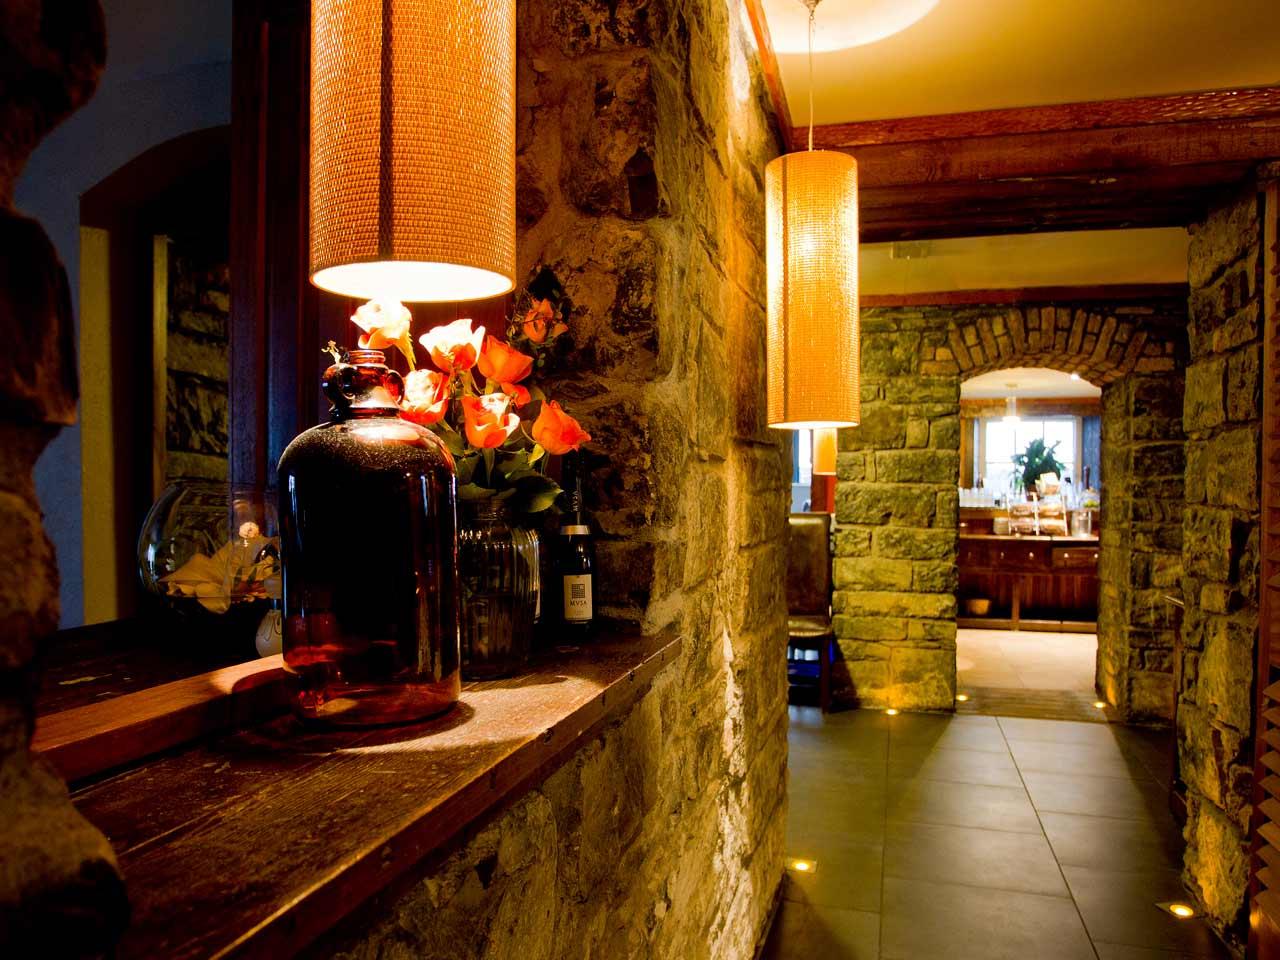 The Old House Restaurant | Mullingar Restaurants